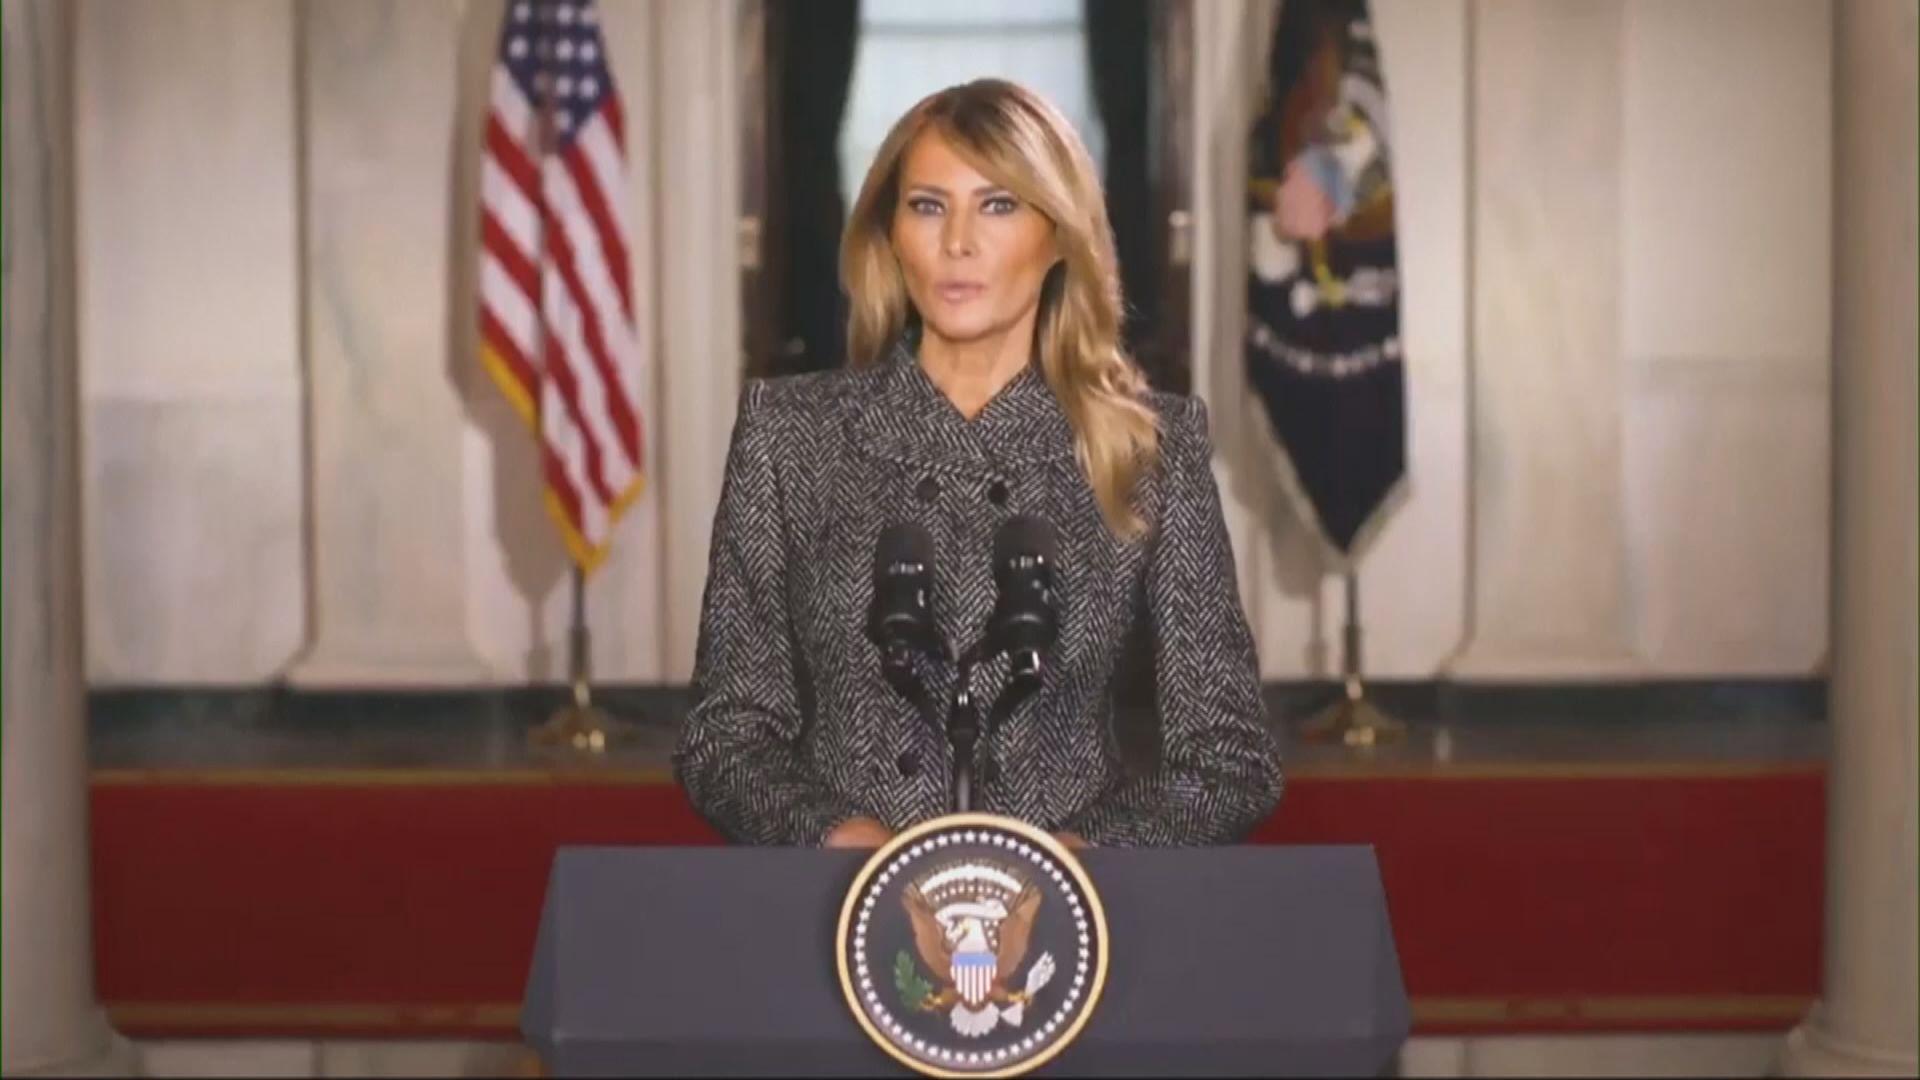 美國第一夫人梅拉尼婭發表離別感言 籲摒棄仇恨暴力